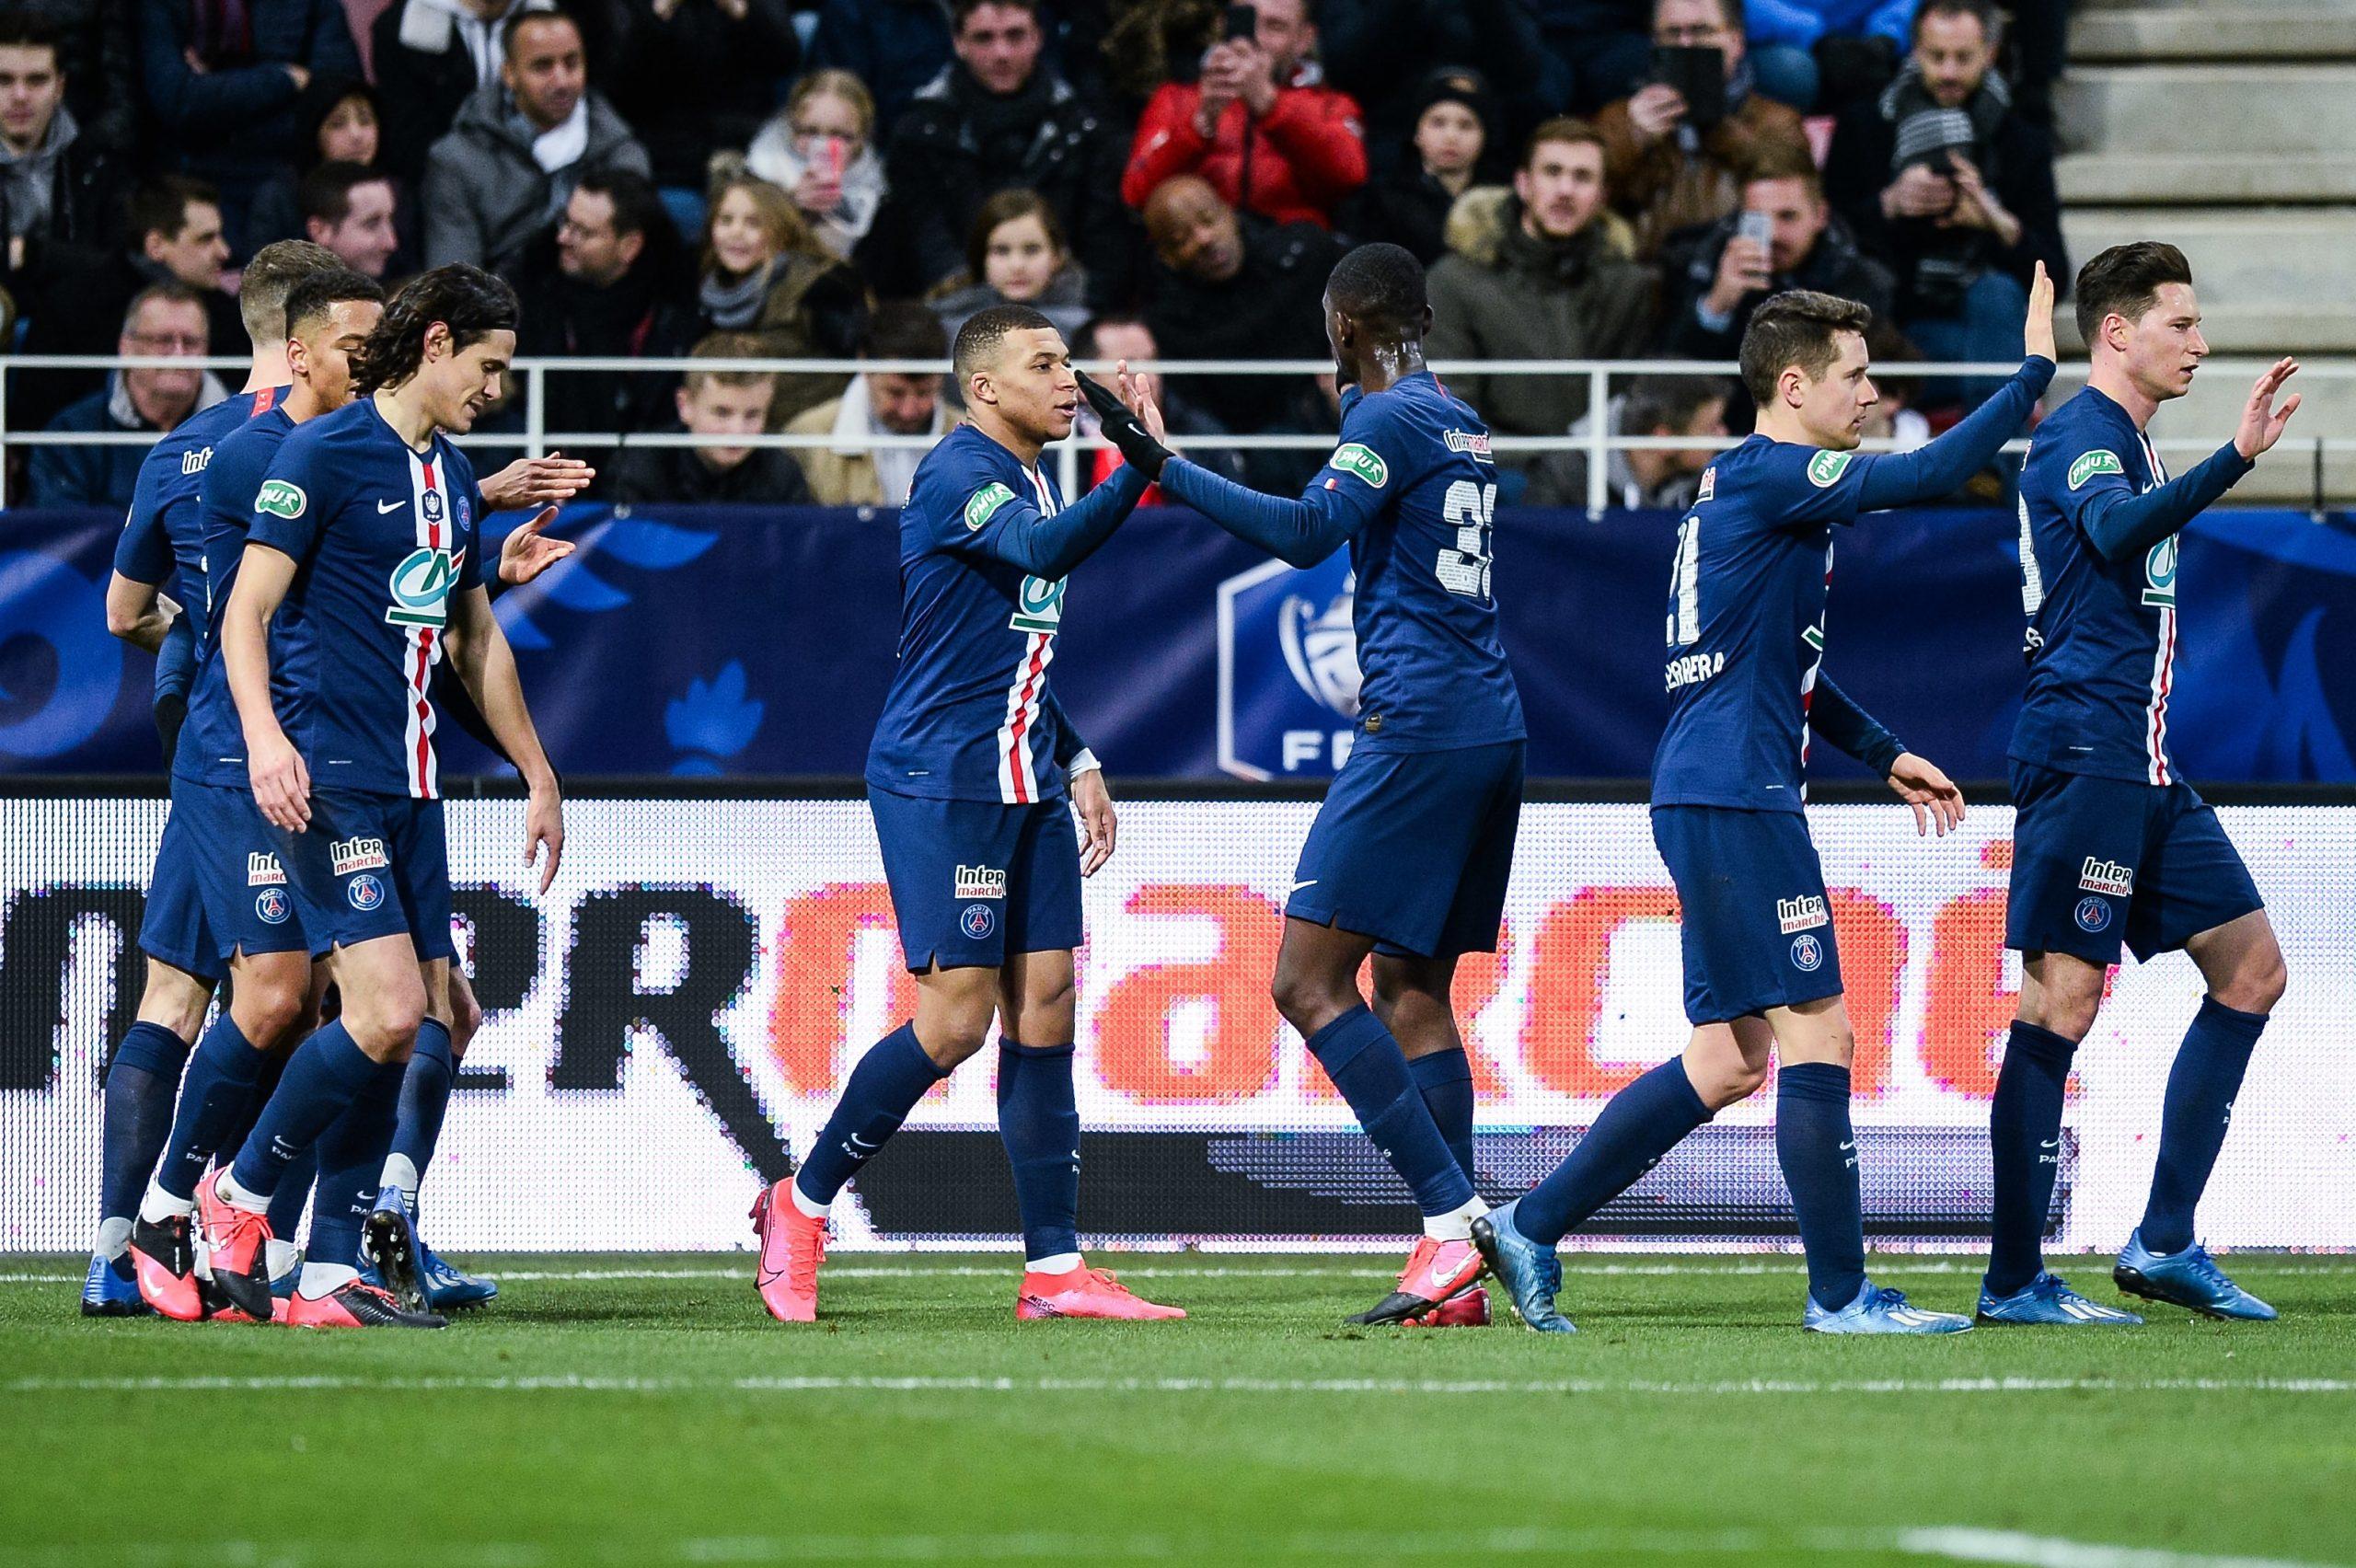 Les images du PSG ce mercredi : célébrations de la victoire à Dijon